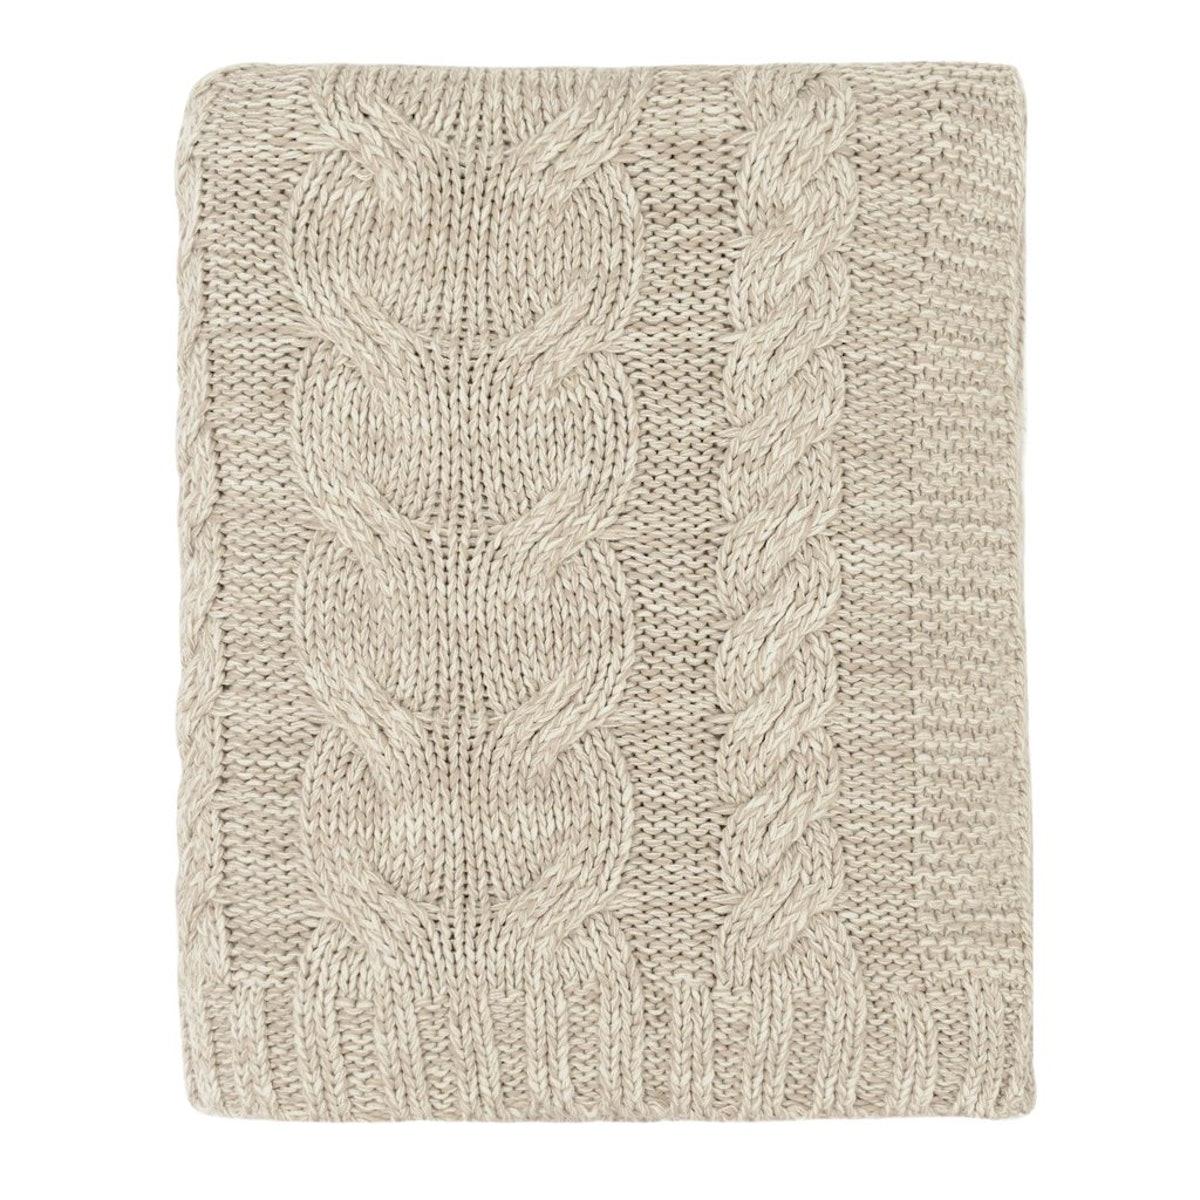 Stone Chunky Braid Cotton Throw